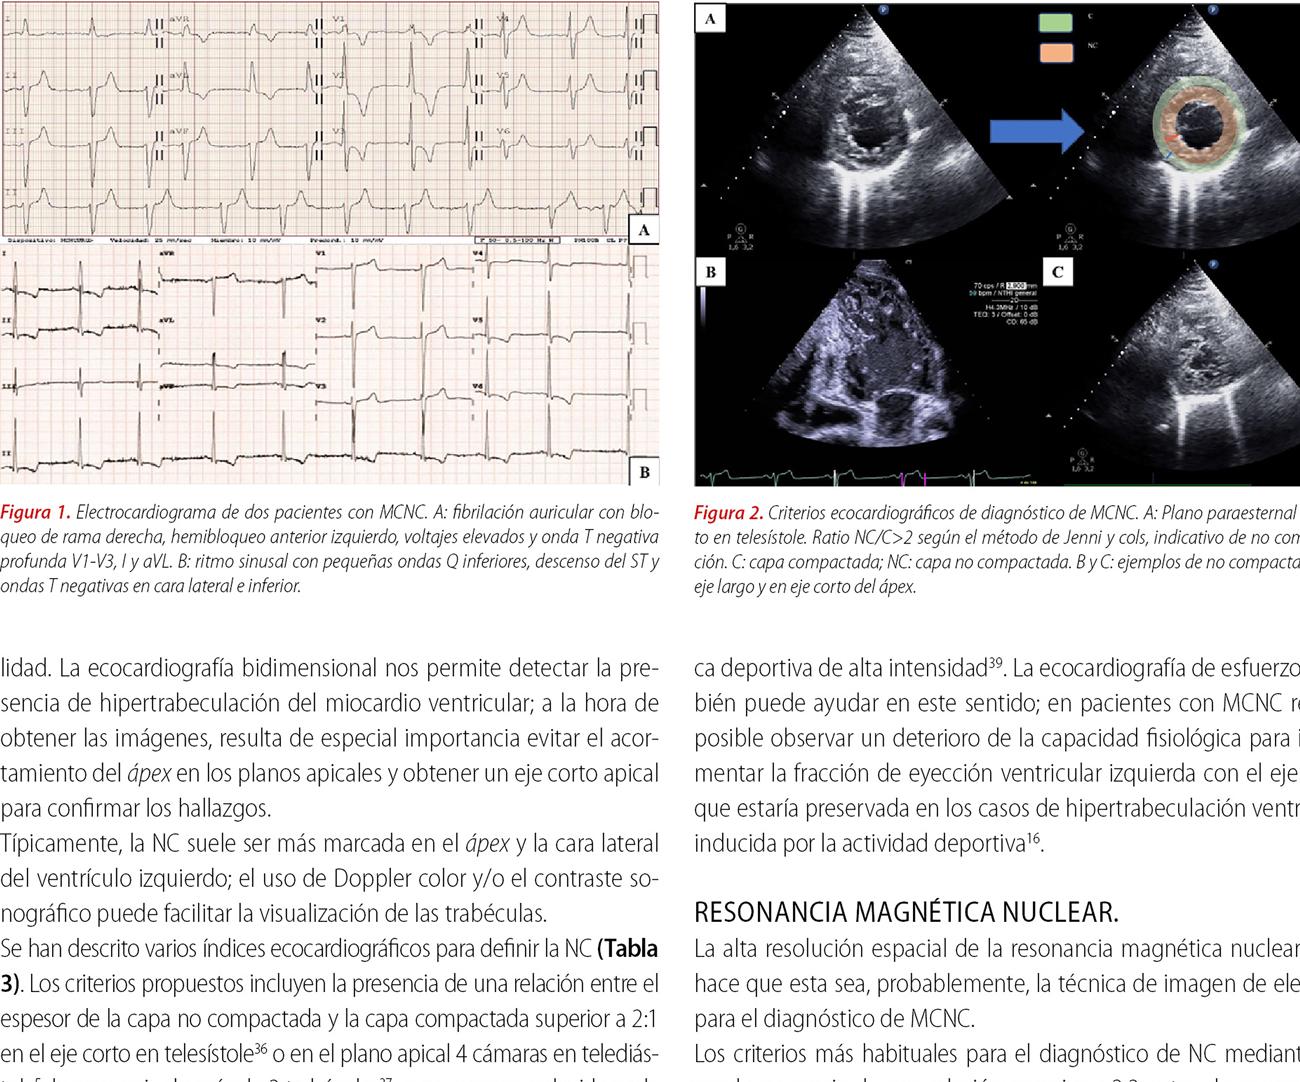 Estado del arte en miocardiopatía no compactada